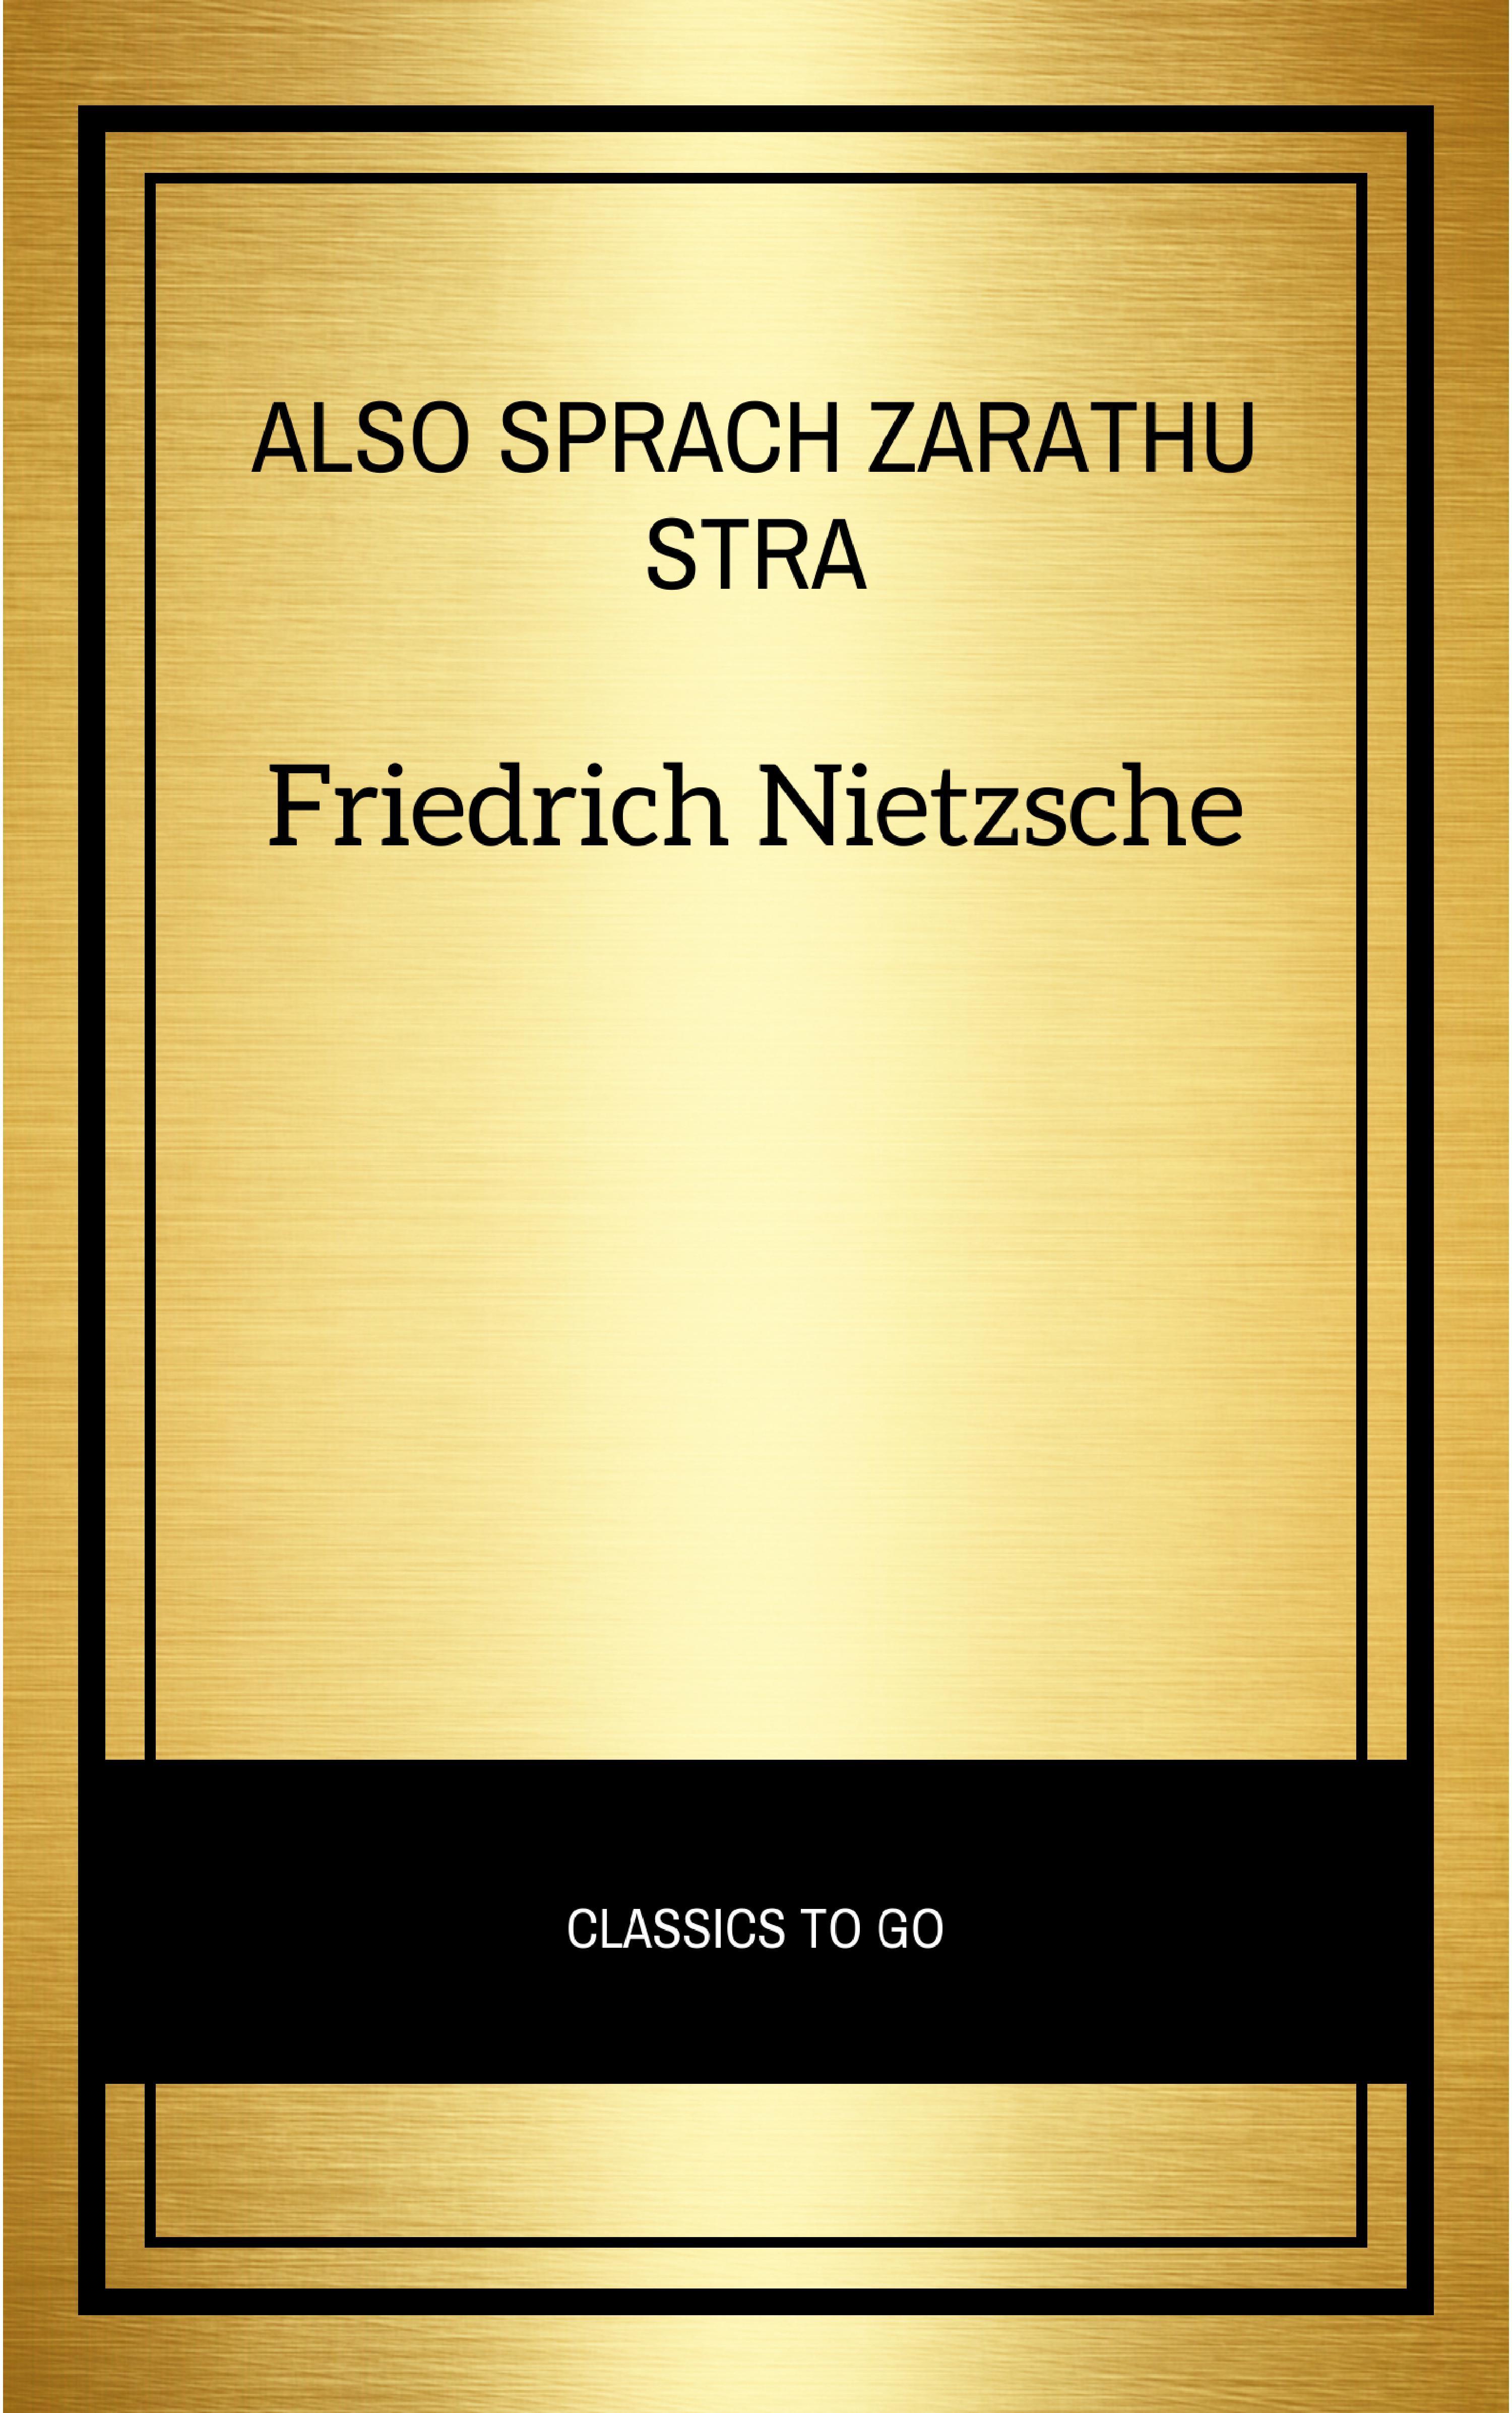 Friedrich Nietzsche Also sprach Zarathustra also sprach zarathustra